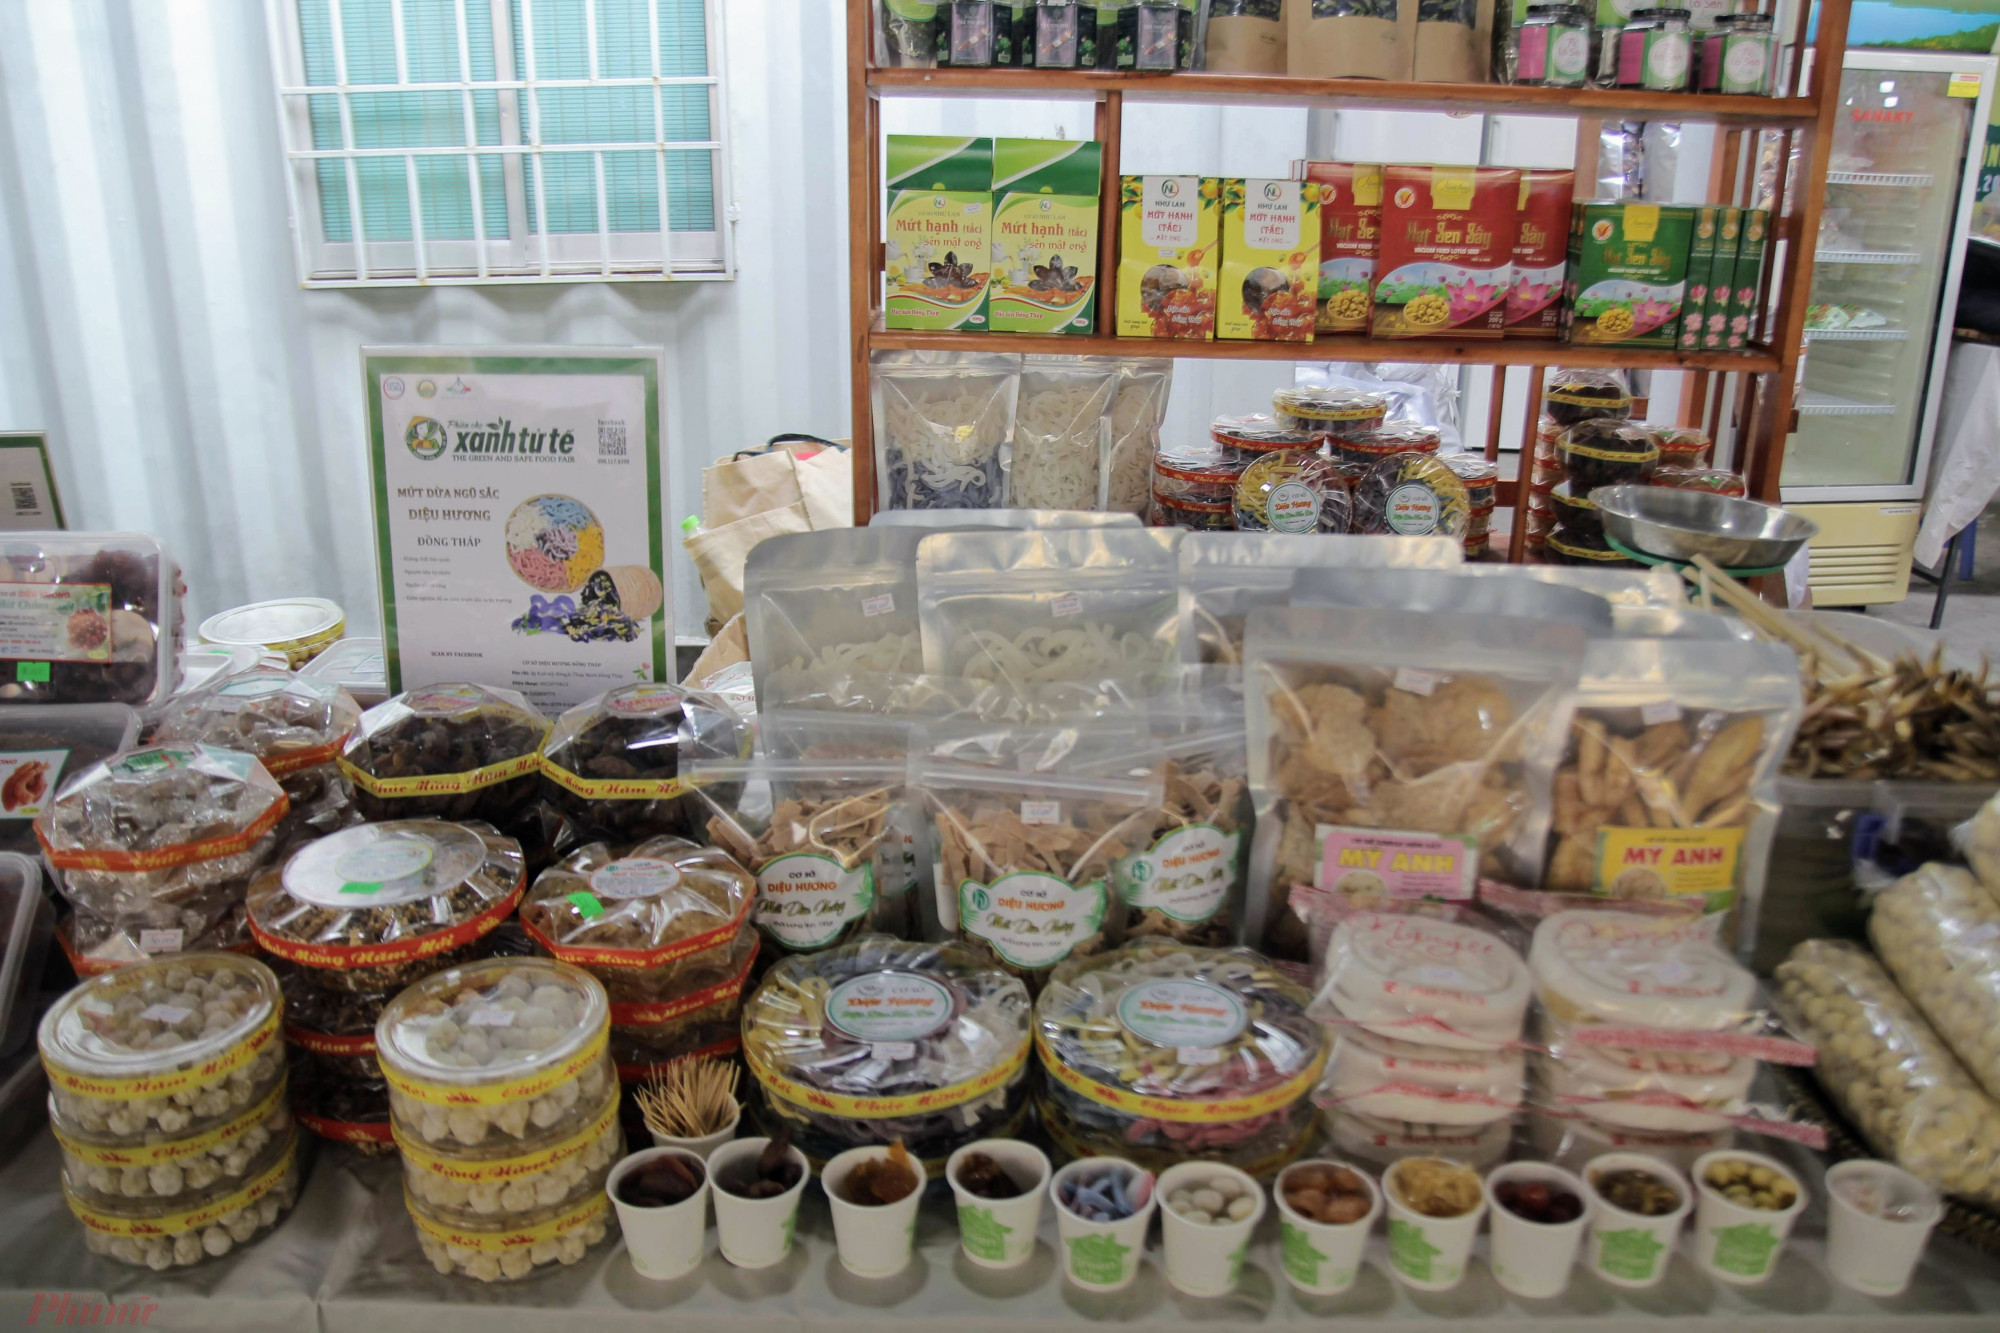 Hội tụ nhiều sản phẩm, đặc sản từ nhiều vùng miền như bánh mứt miền Tây, các loại hạt rừng miền Bắc, trái rừng Tây nguyên là điểm nhấn của phiên chợ Tết Việt năm nay.